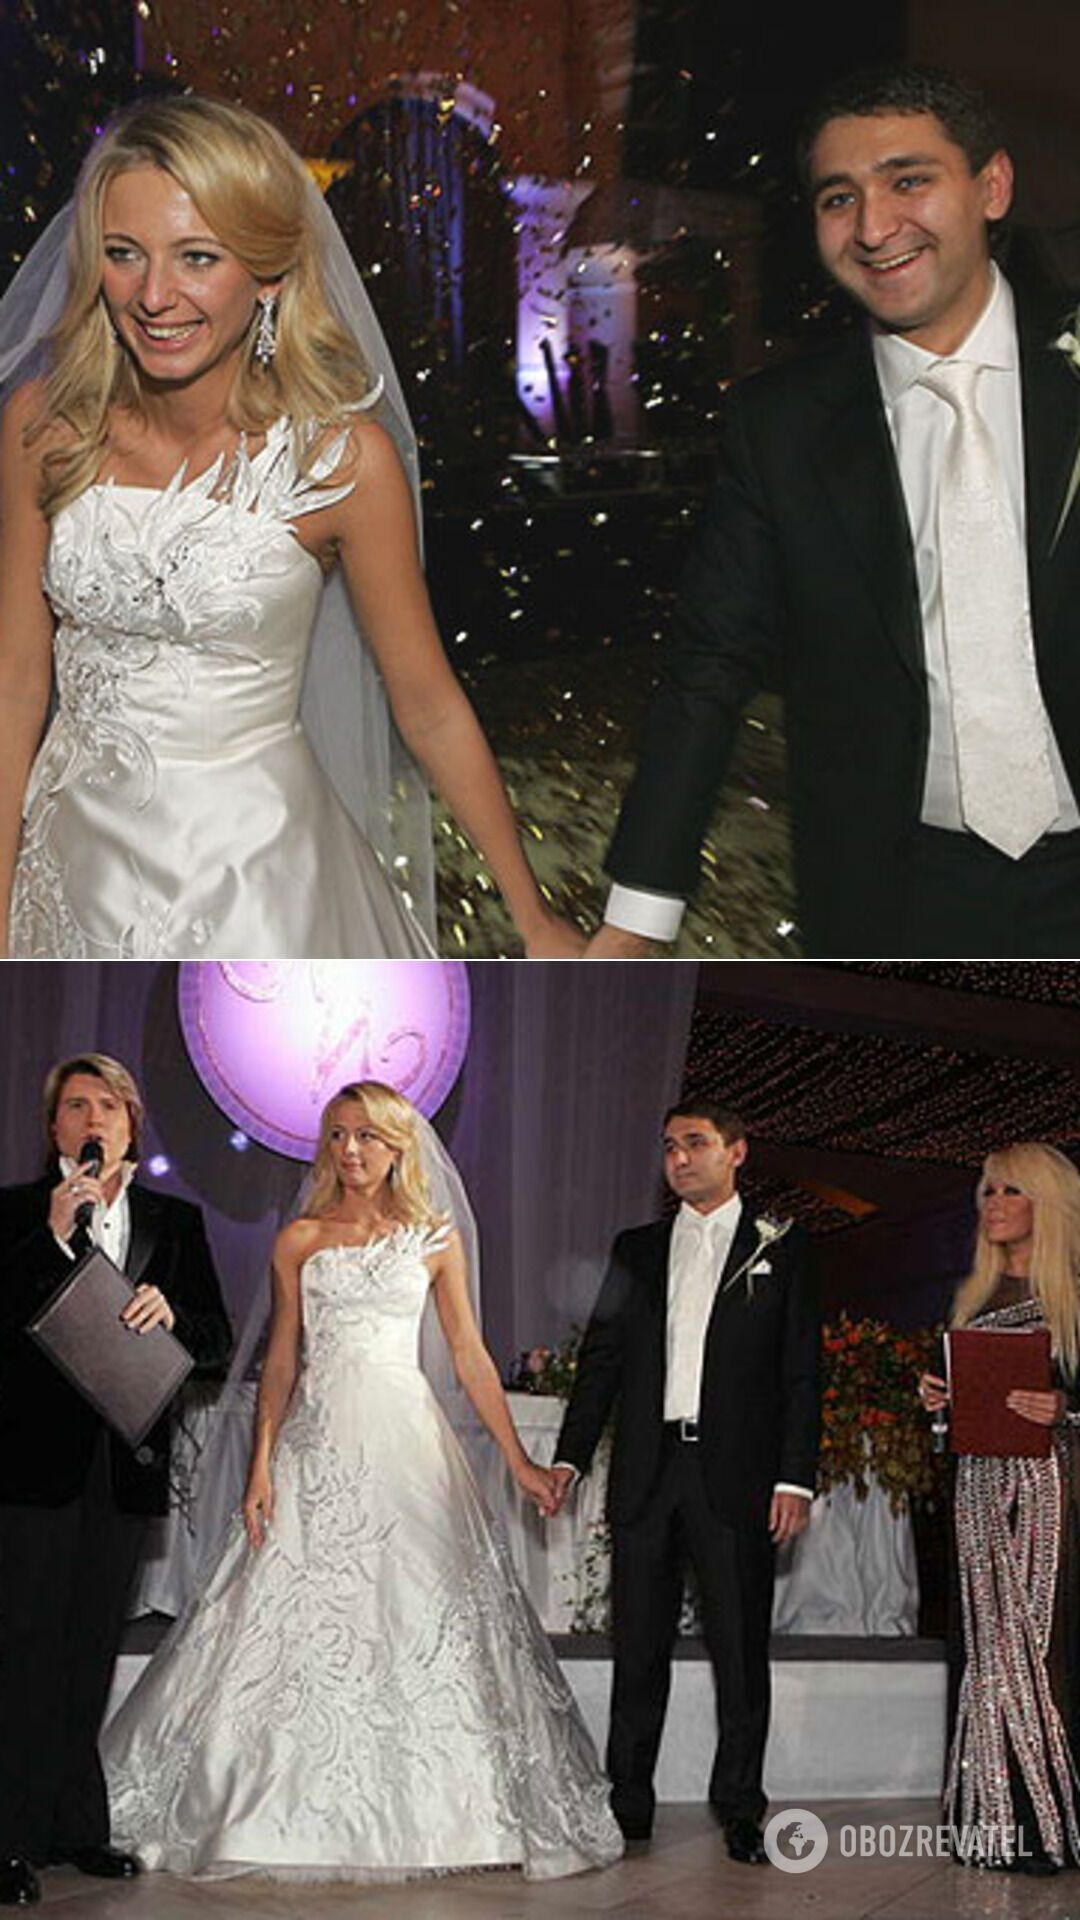 Свадьба дочери Медведчука Ирины и Андрея Рюмина, 2006 год